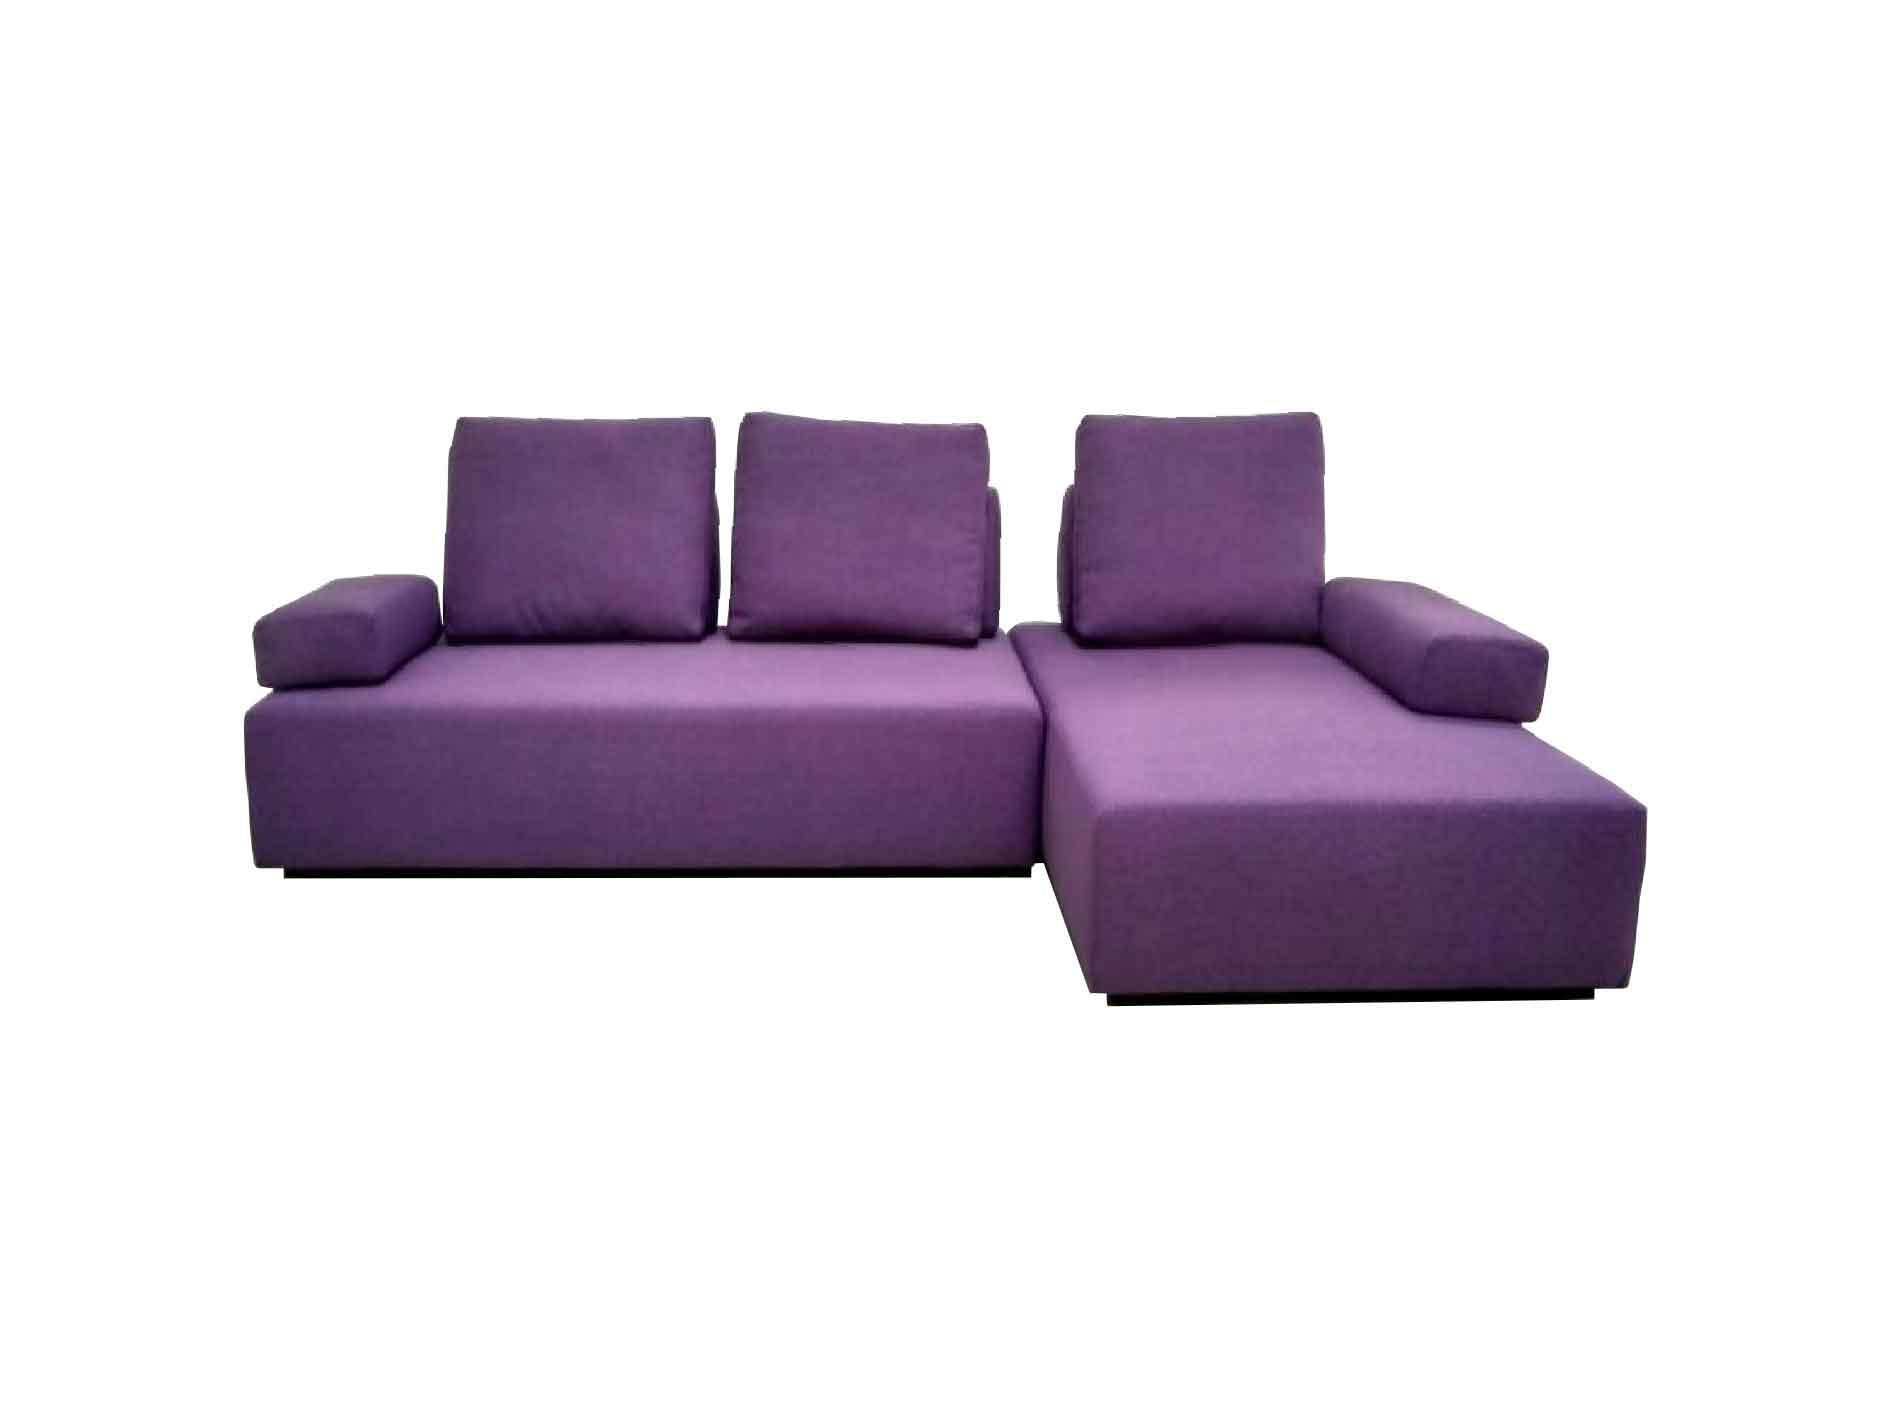 Valerio Designer Italian Fabric Sofa – Volonta – 4 Seater L-shape fabric sofa (2.7M)